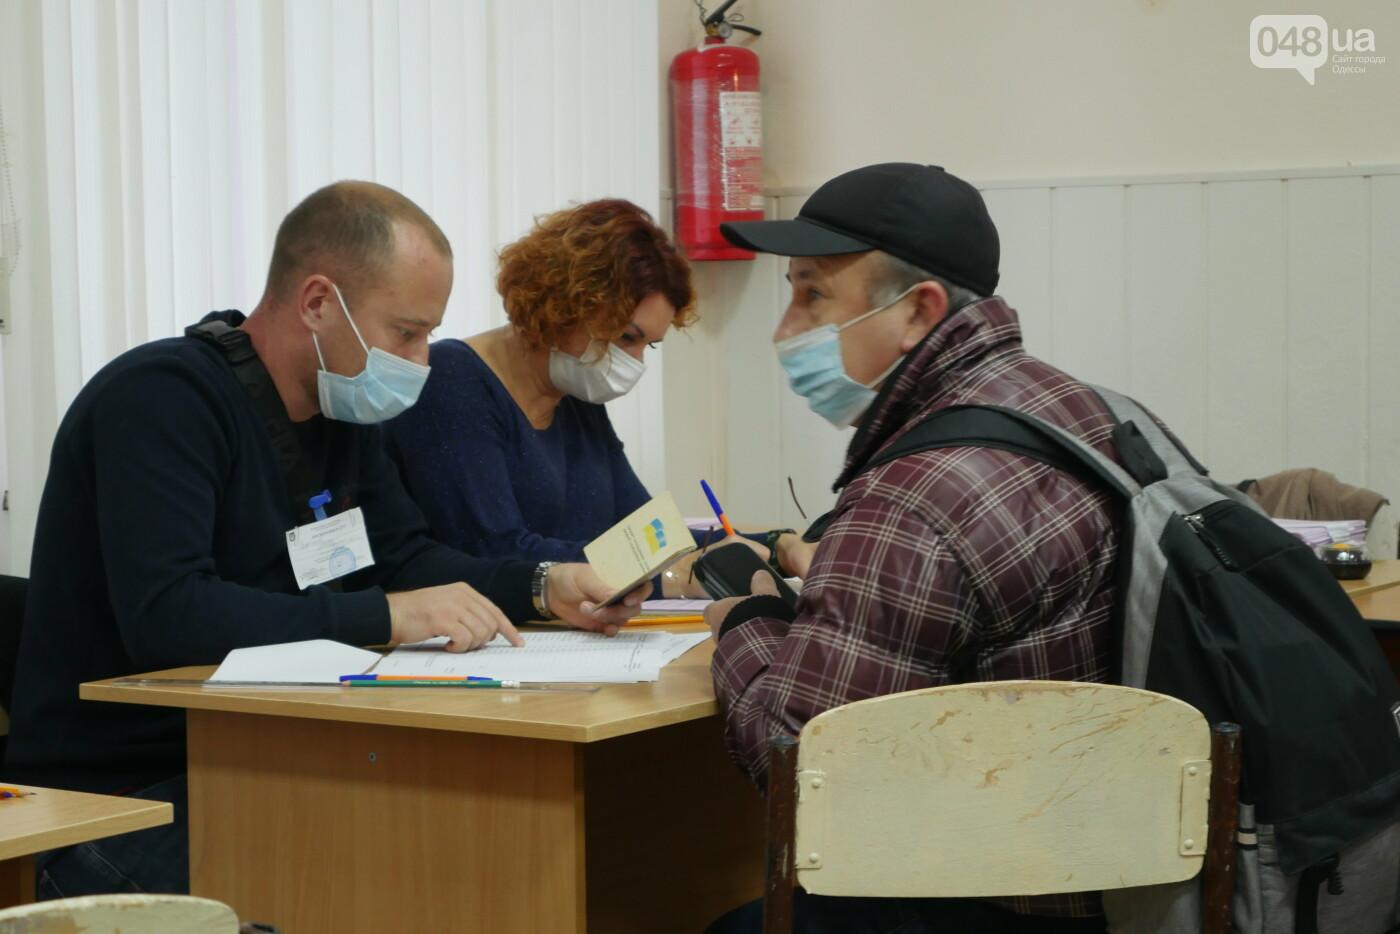 Выборы 2020: Как в Одессе открывались избирательные участки, - ФОТОРЕПОРТАЖ, фото-3